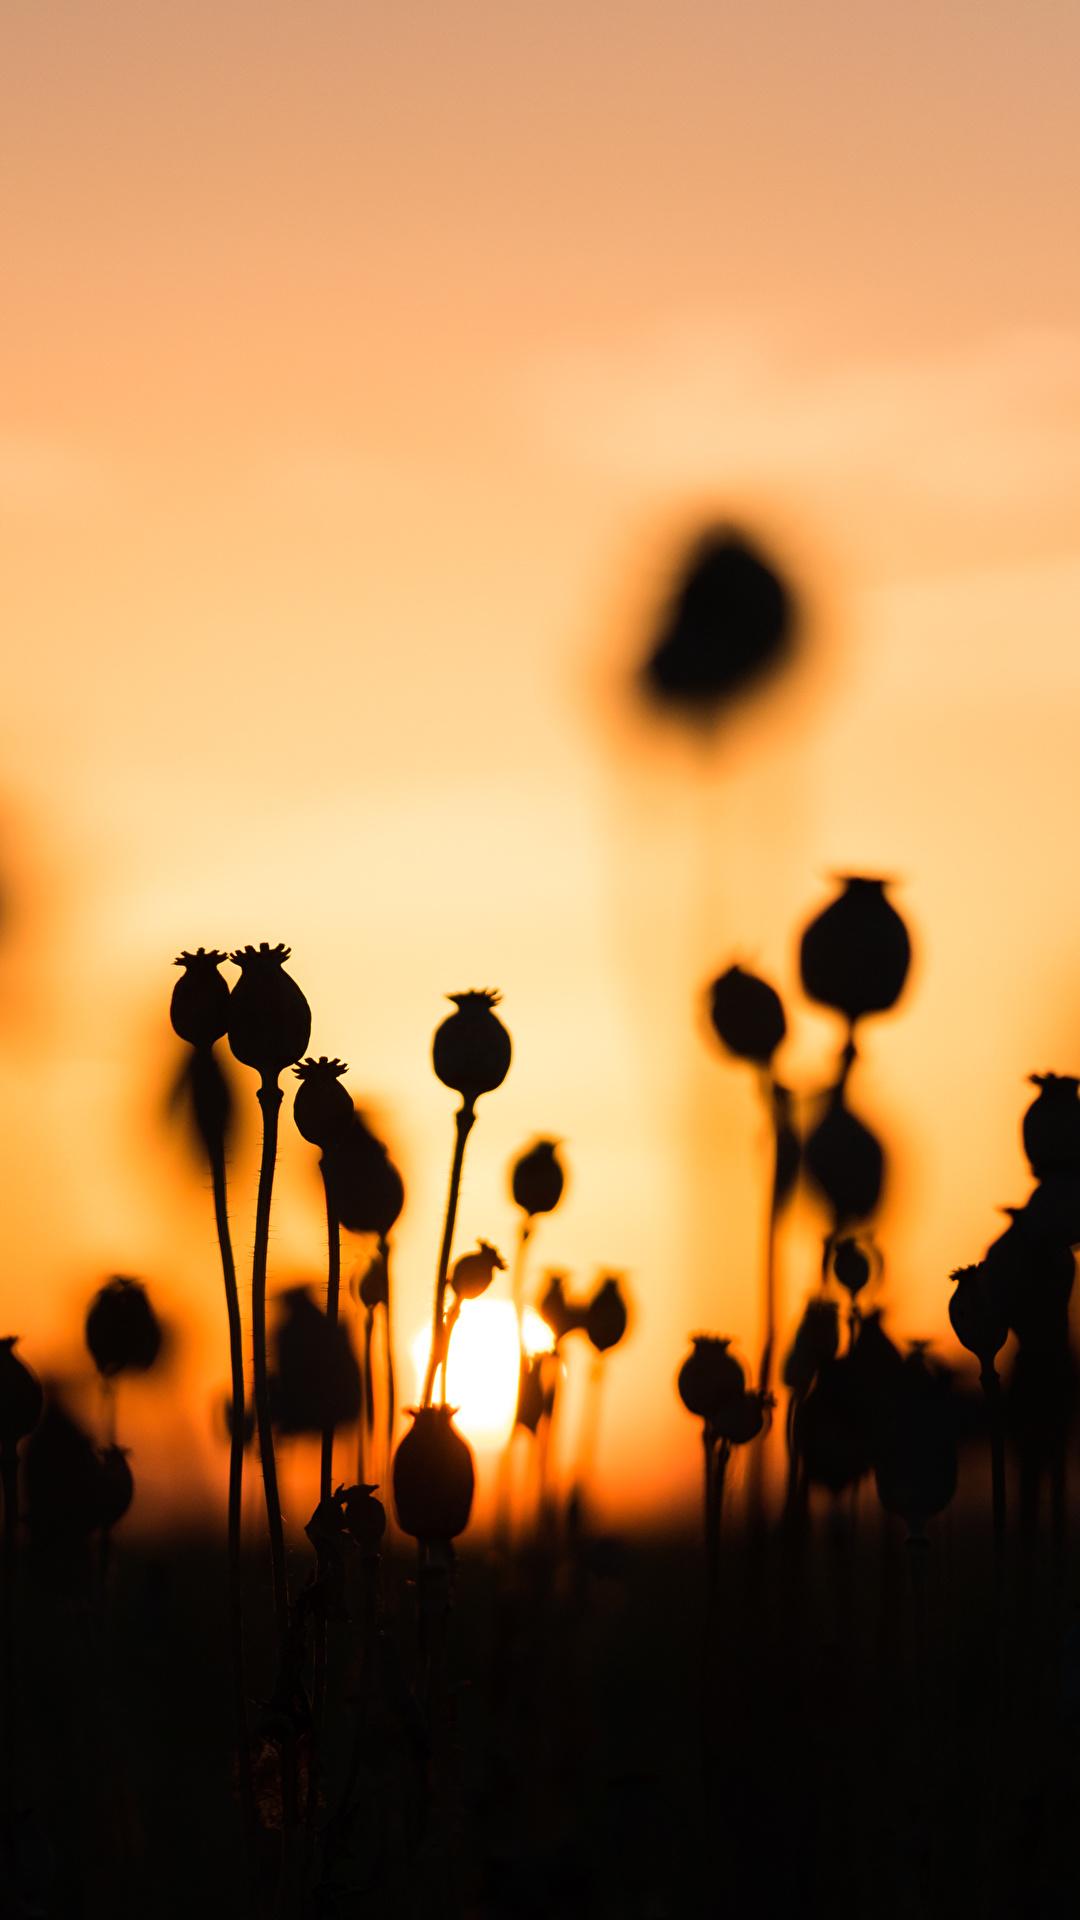 Картинки силуэта Природа мак рассвет и закат 1080x1920 для мобильного телефона Силуэт силуэты Маки Рассветы и закаты